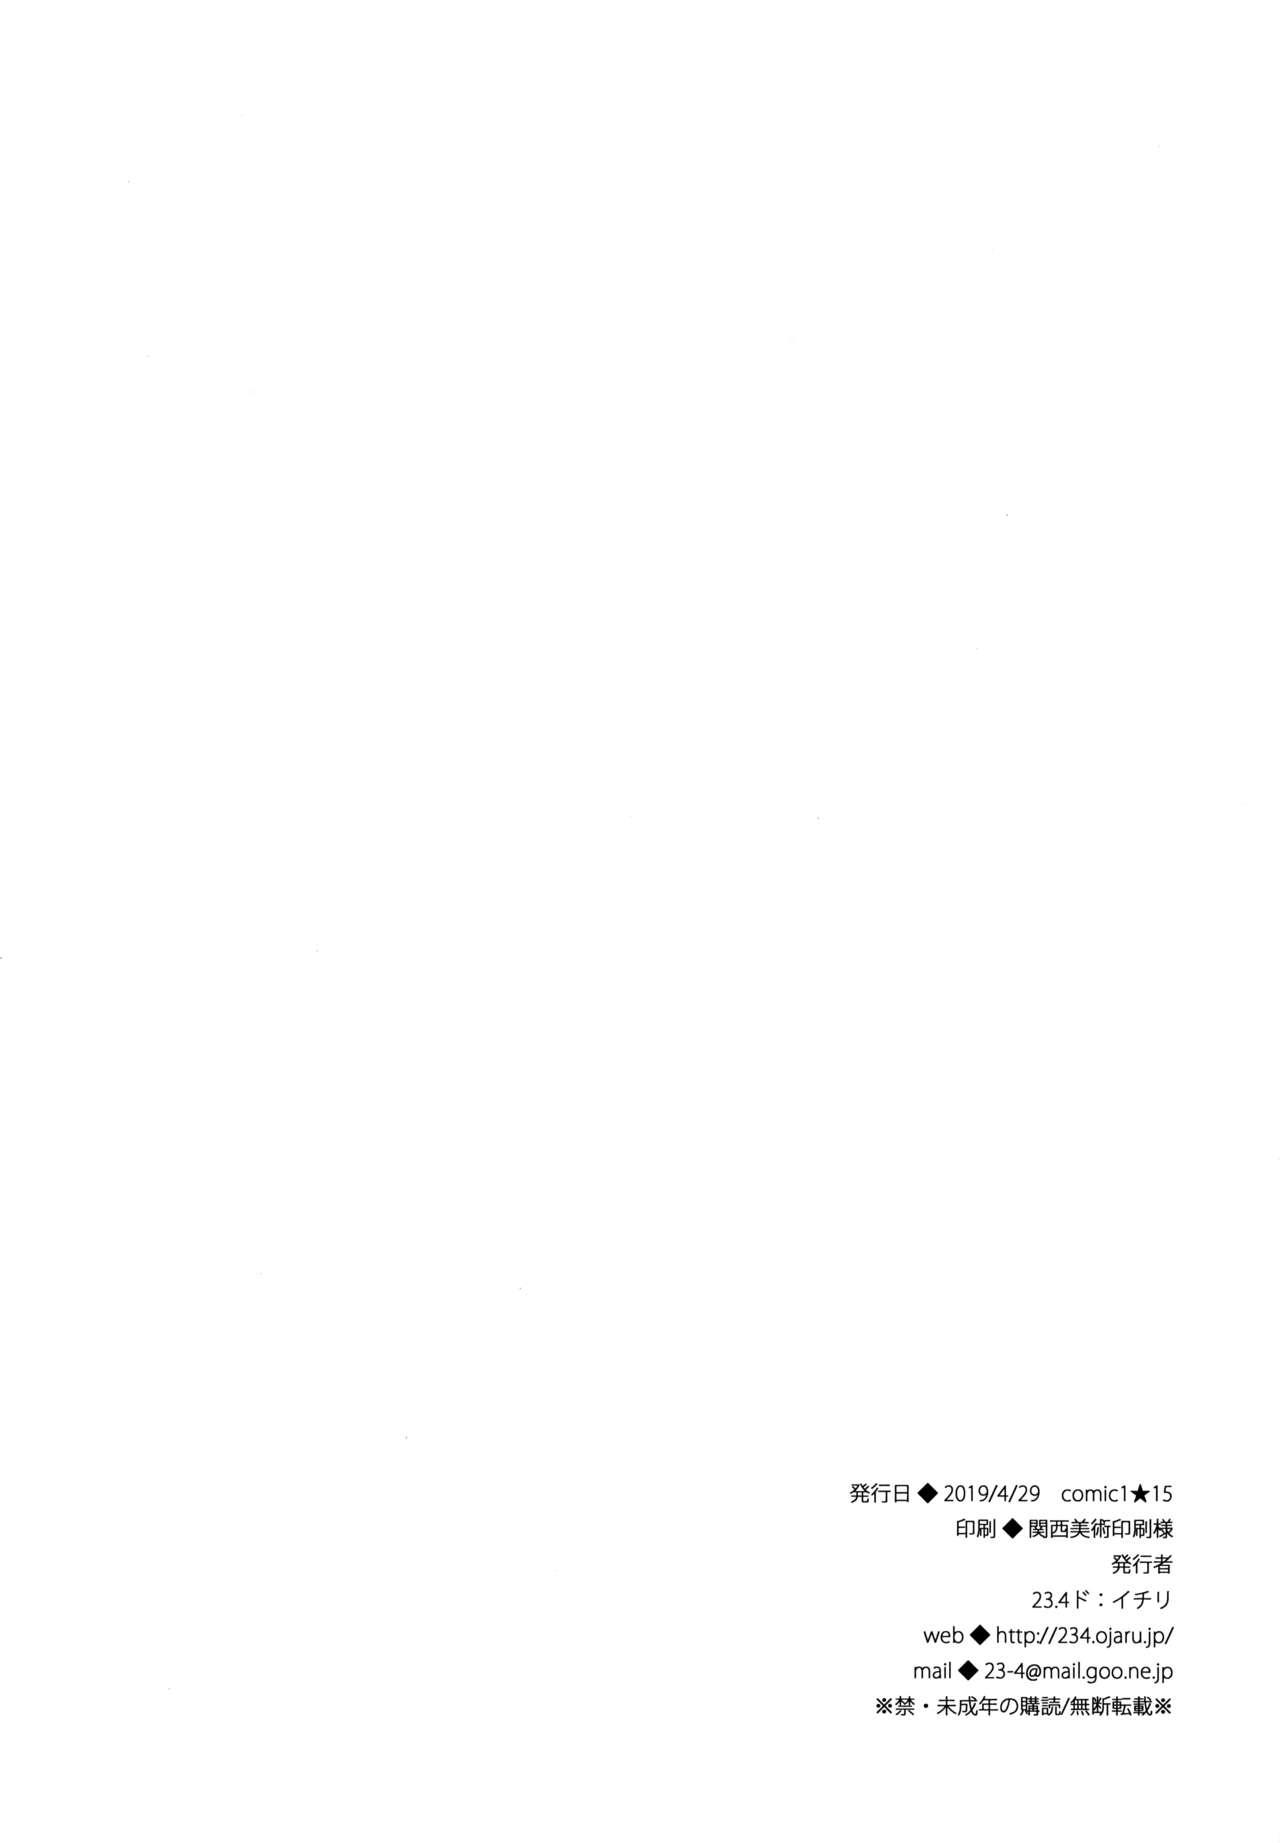 Boku no Risou no Isekai Seikatsu 5 Omakebon 8